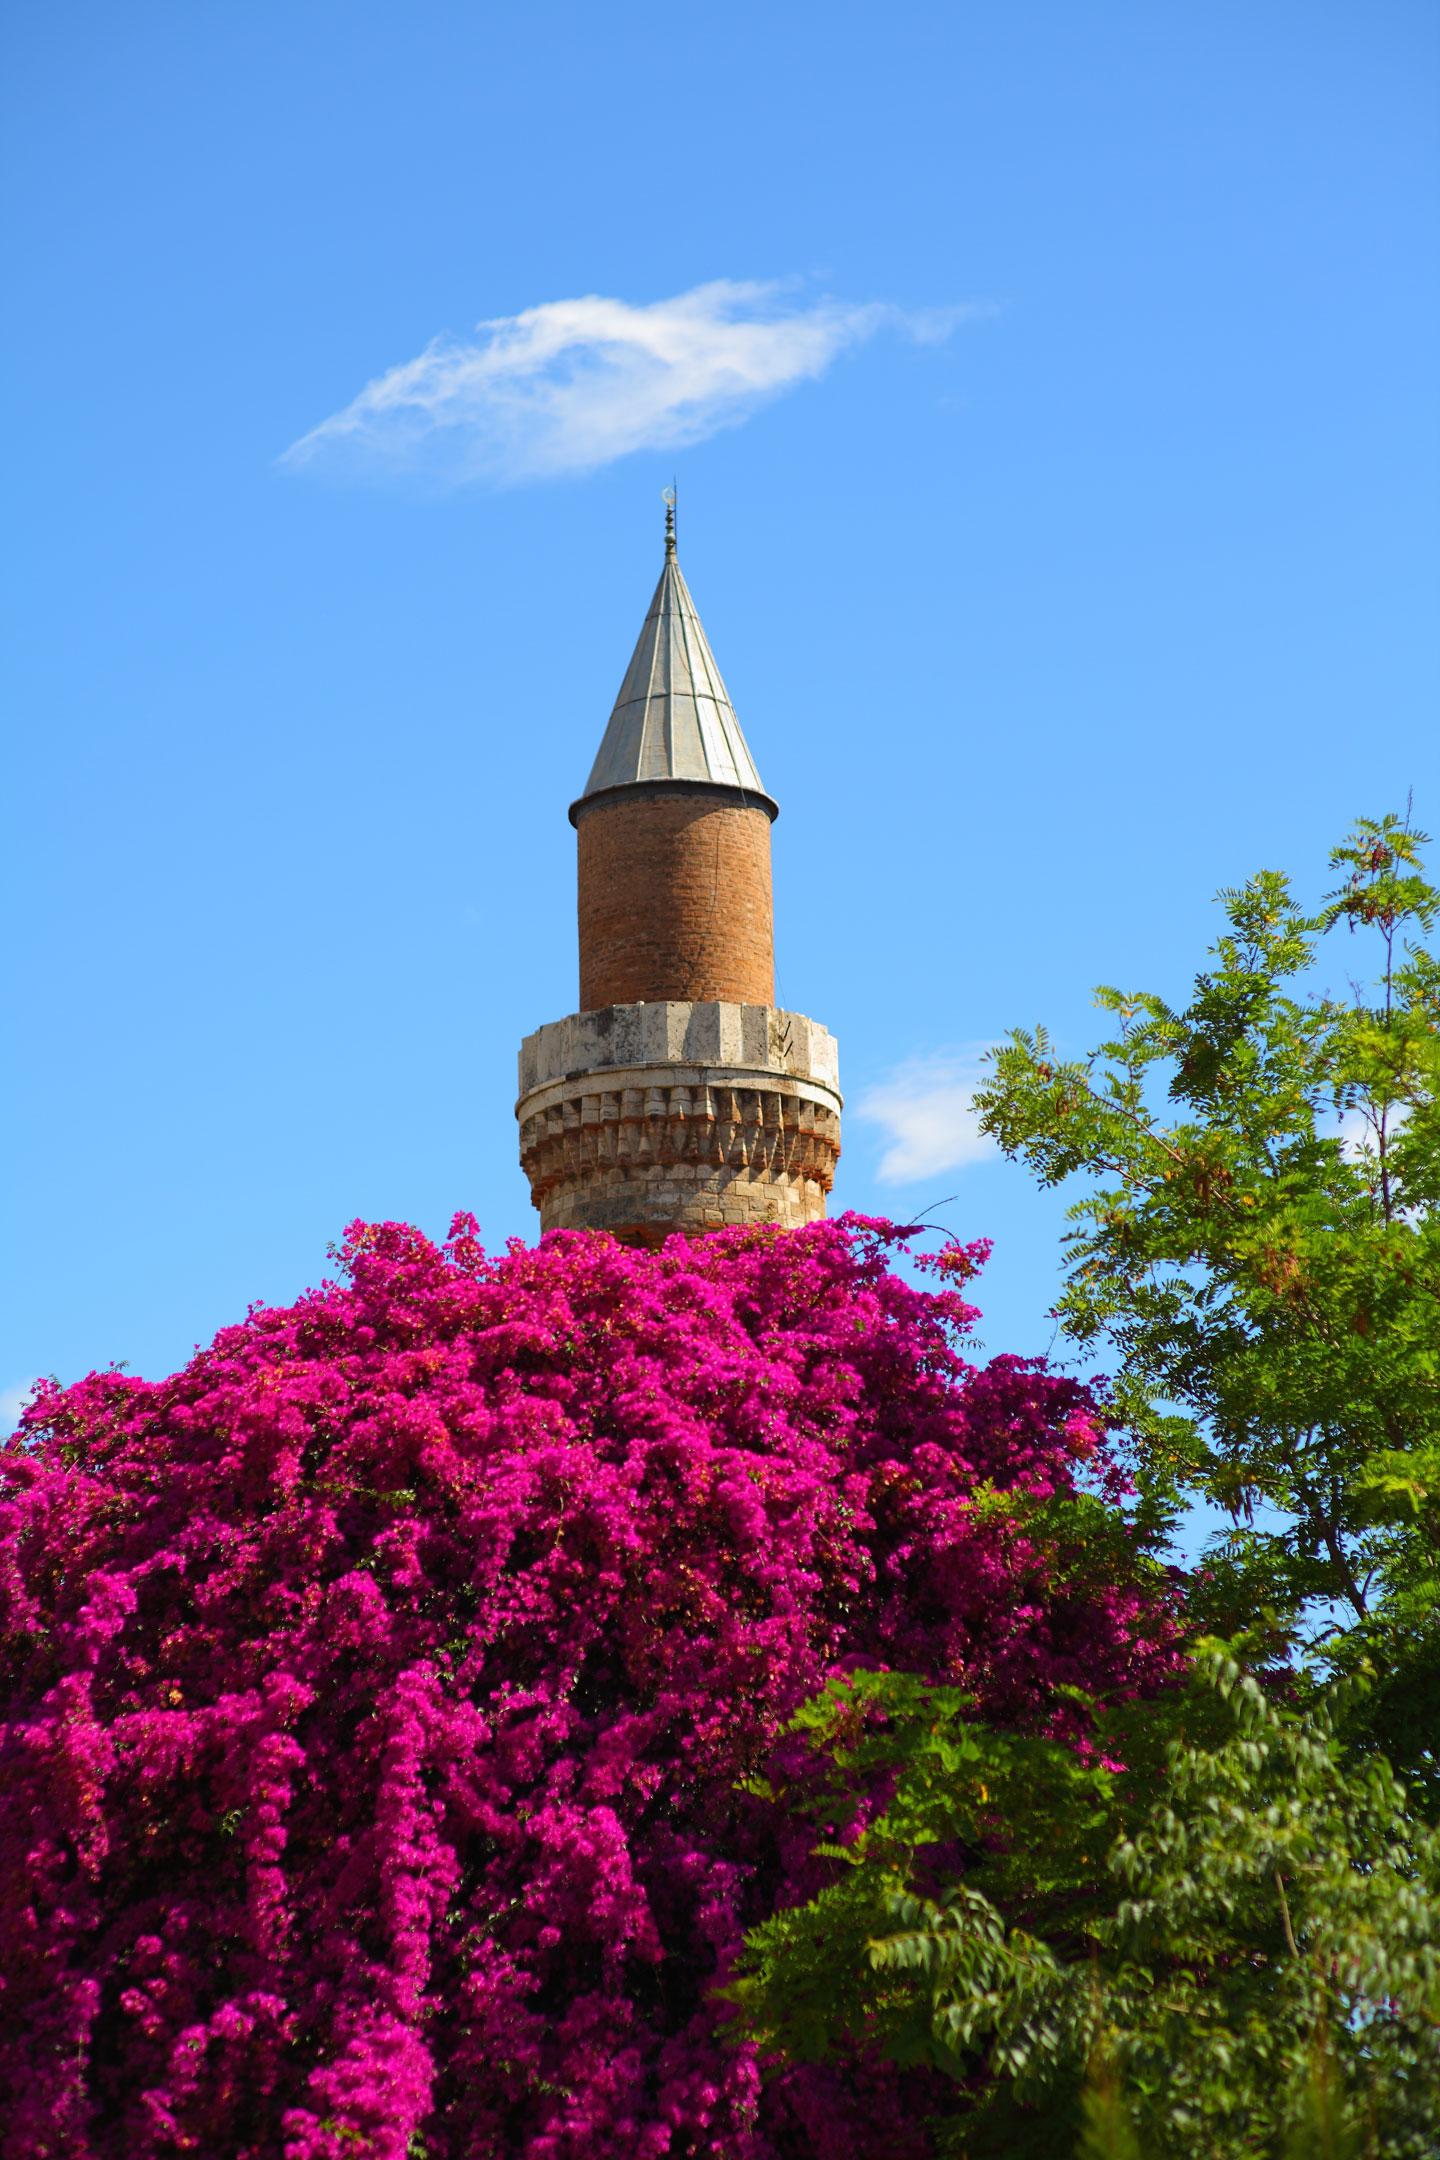 Antalya Minareto